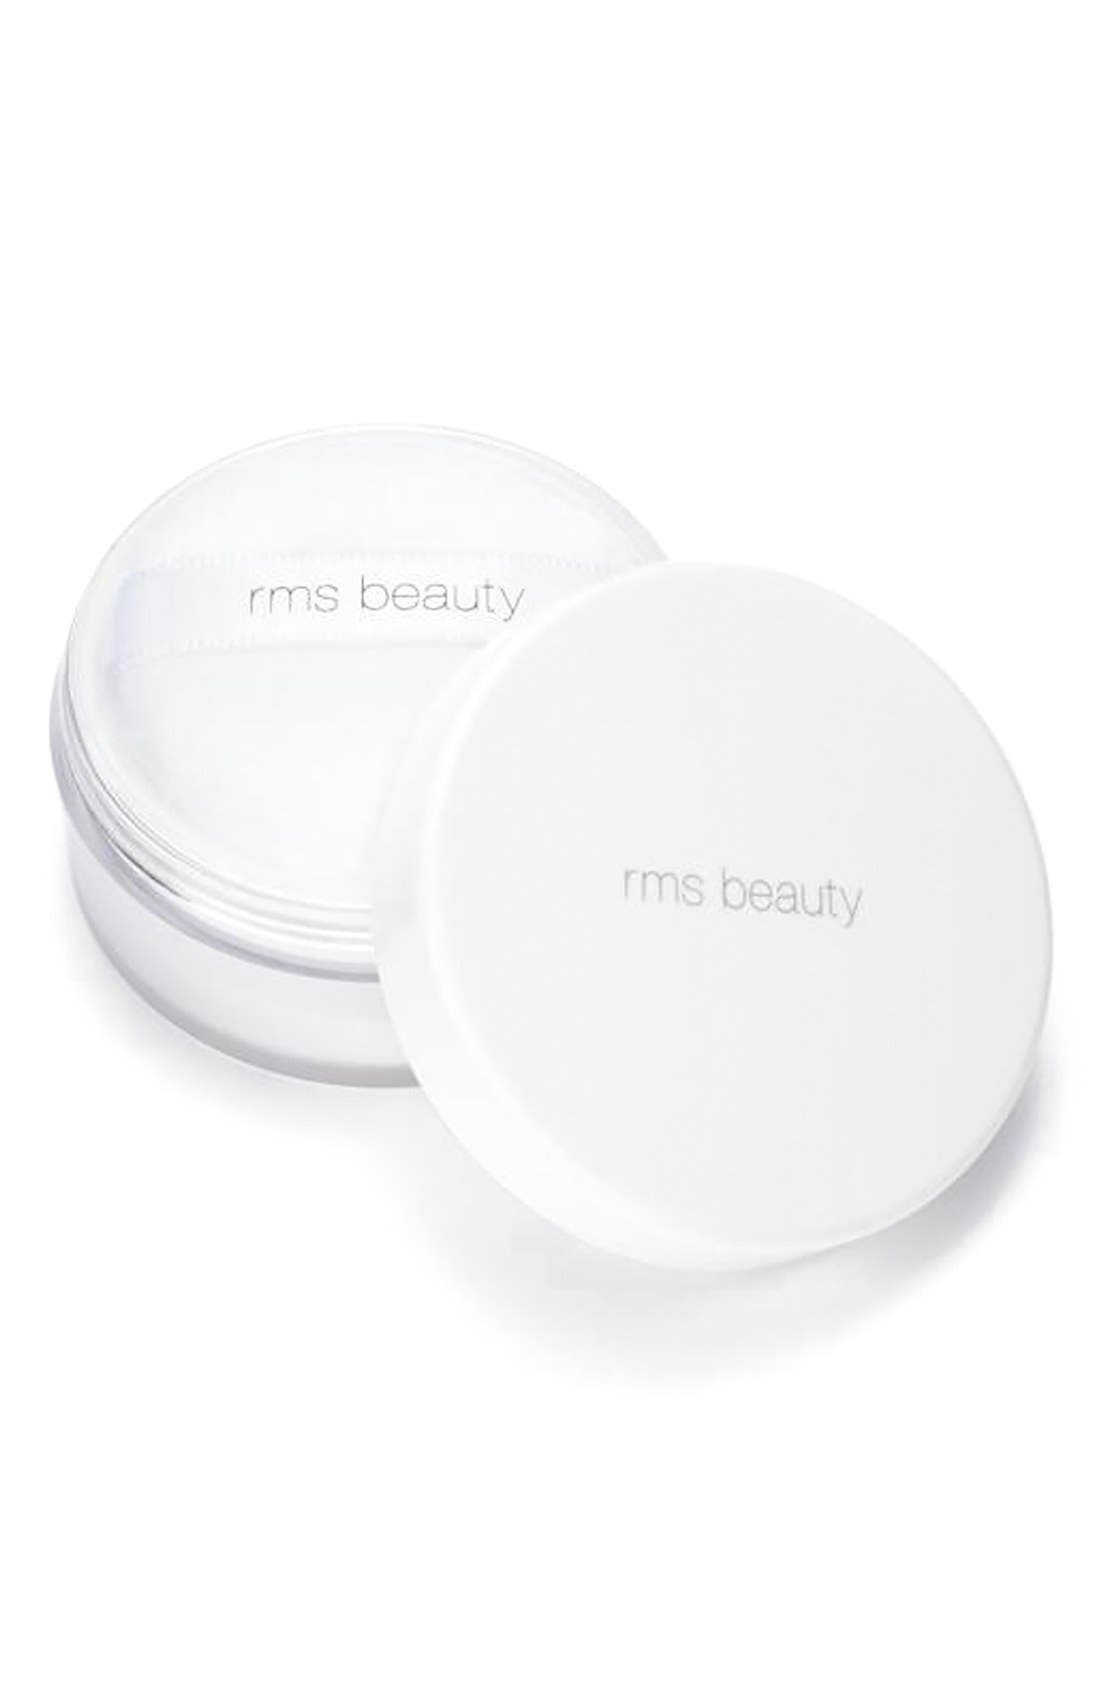 RMS Beauty Un Powder